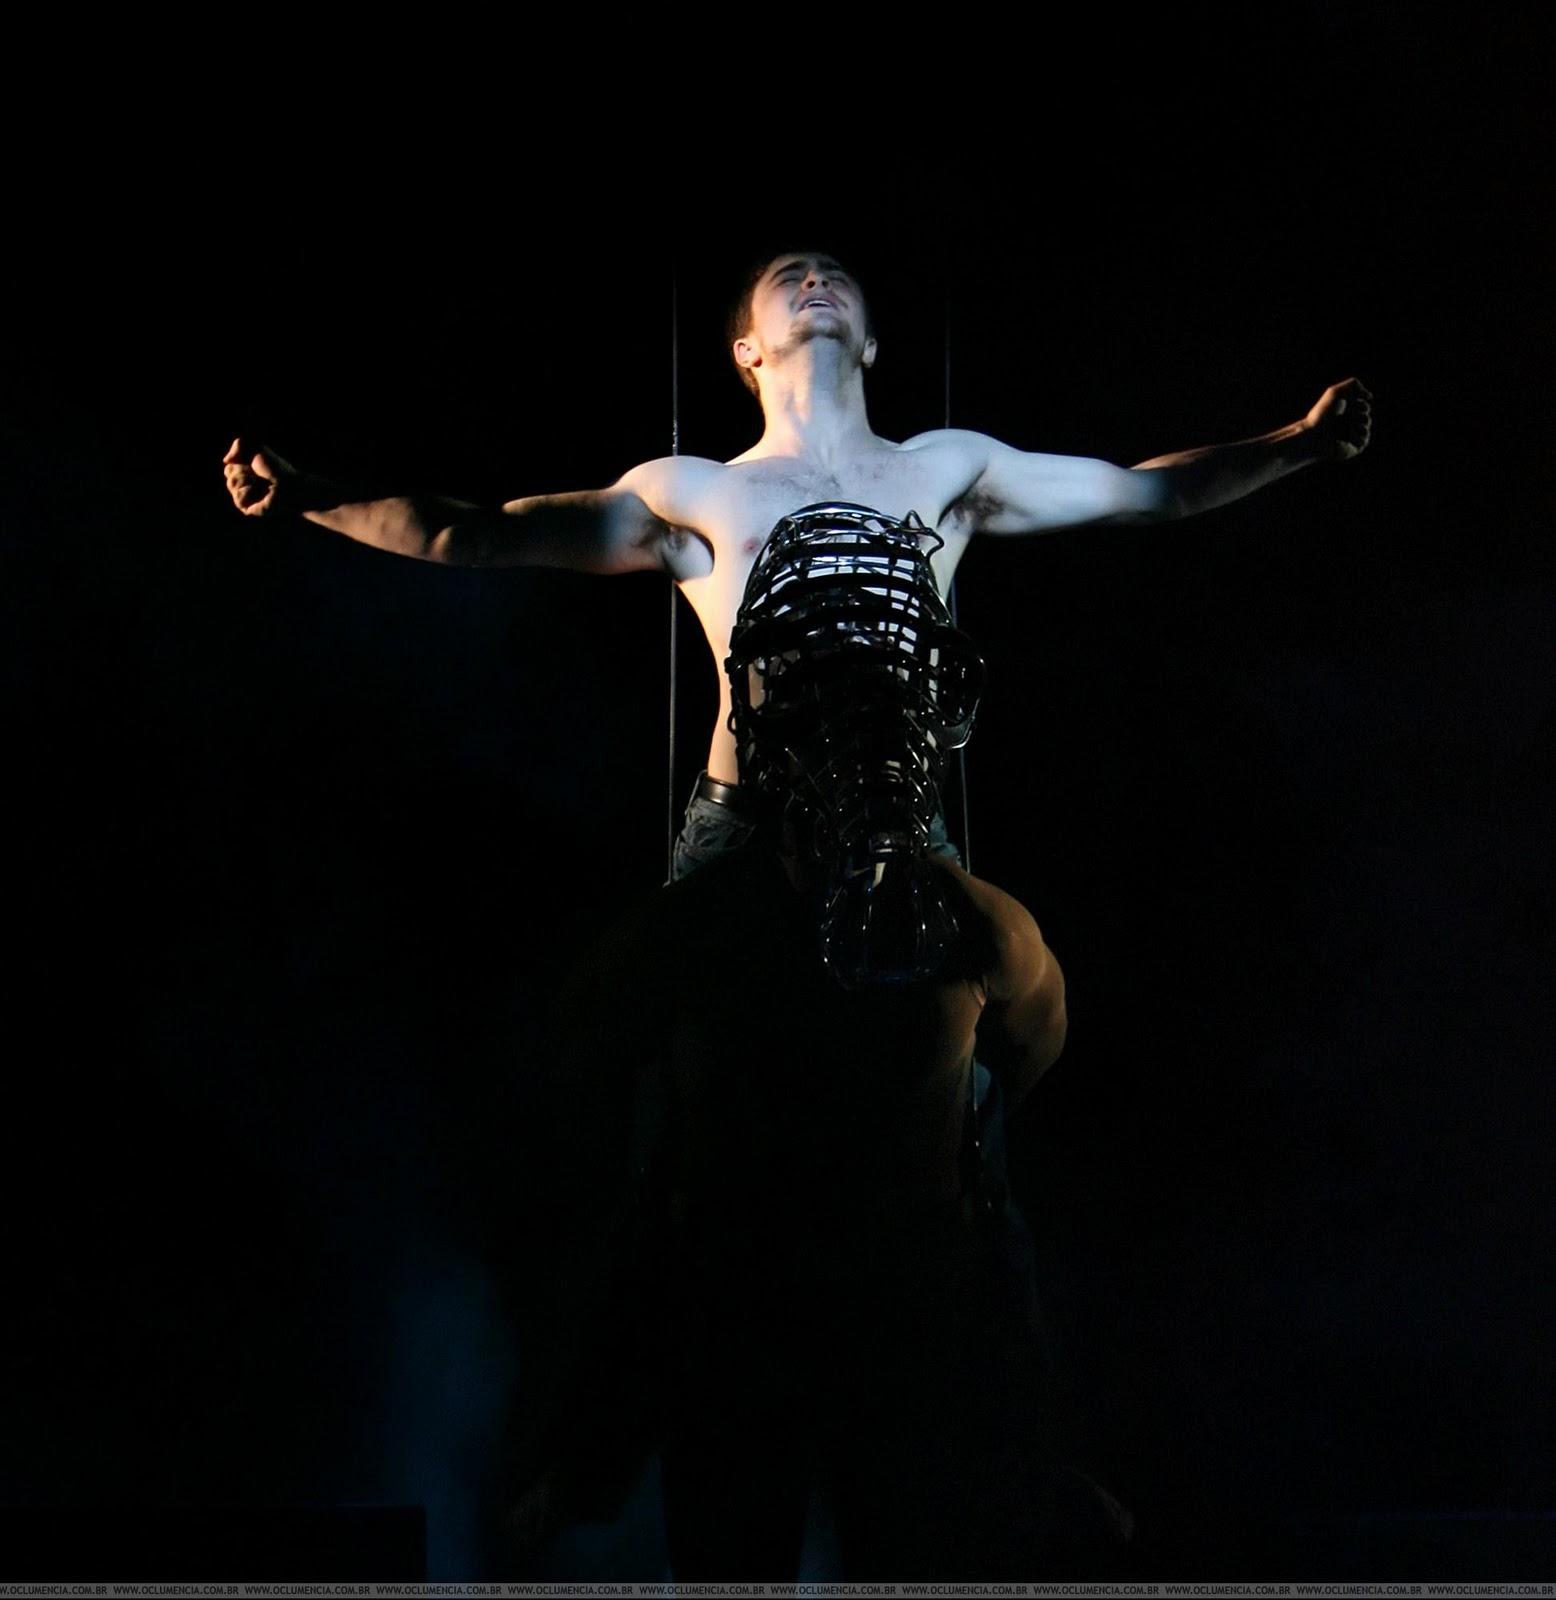 http://3.bp.blogspot.com/_6_gwYYpm2ws/TVHPxFgjKvI/AAAAAAAAALU/UN10qyQXrYg/s1600/daniel_radcliffe_equus_photocall_%25283%2529.jpg